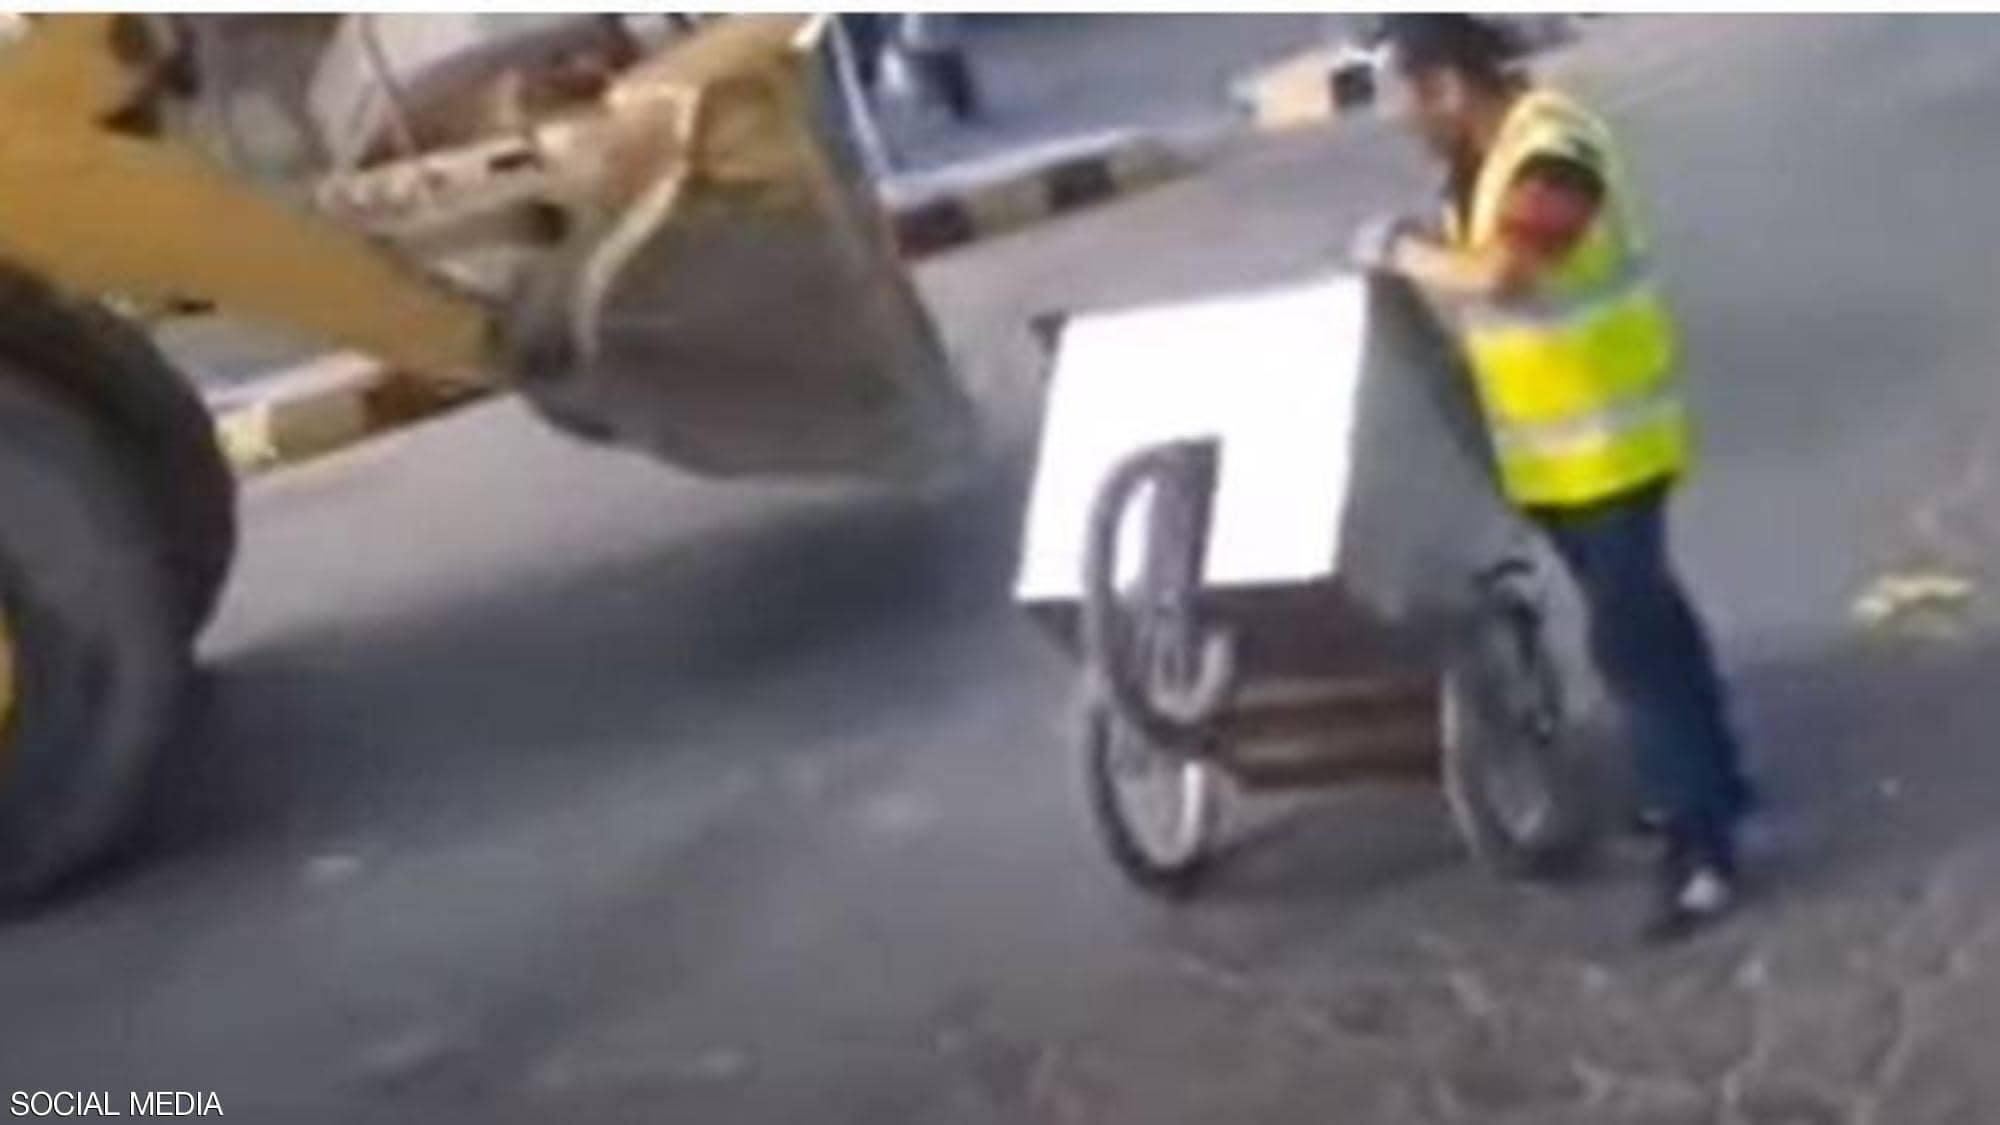 فيديو (عربة الخضار) يطيح بمسؤول أردني بعد حملة ضغط من النشطاء